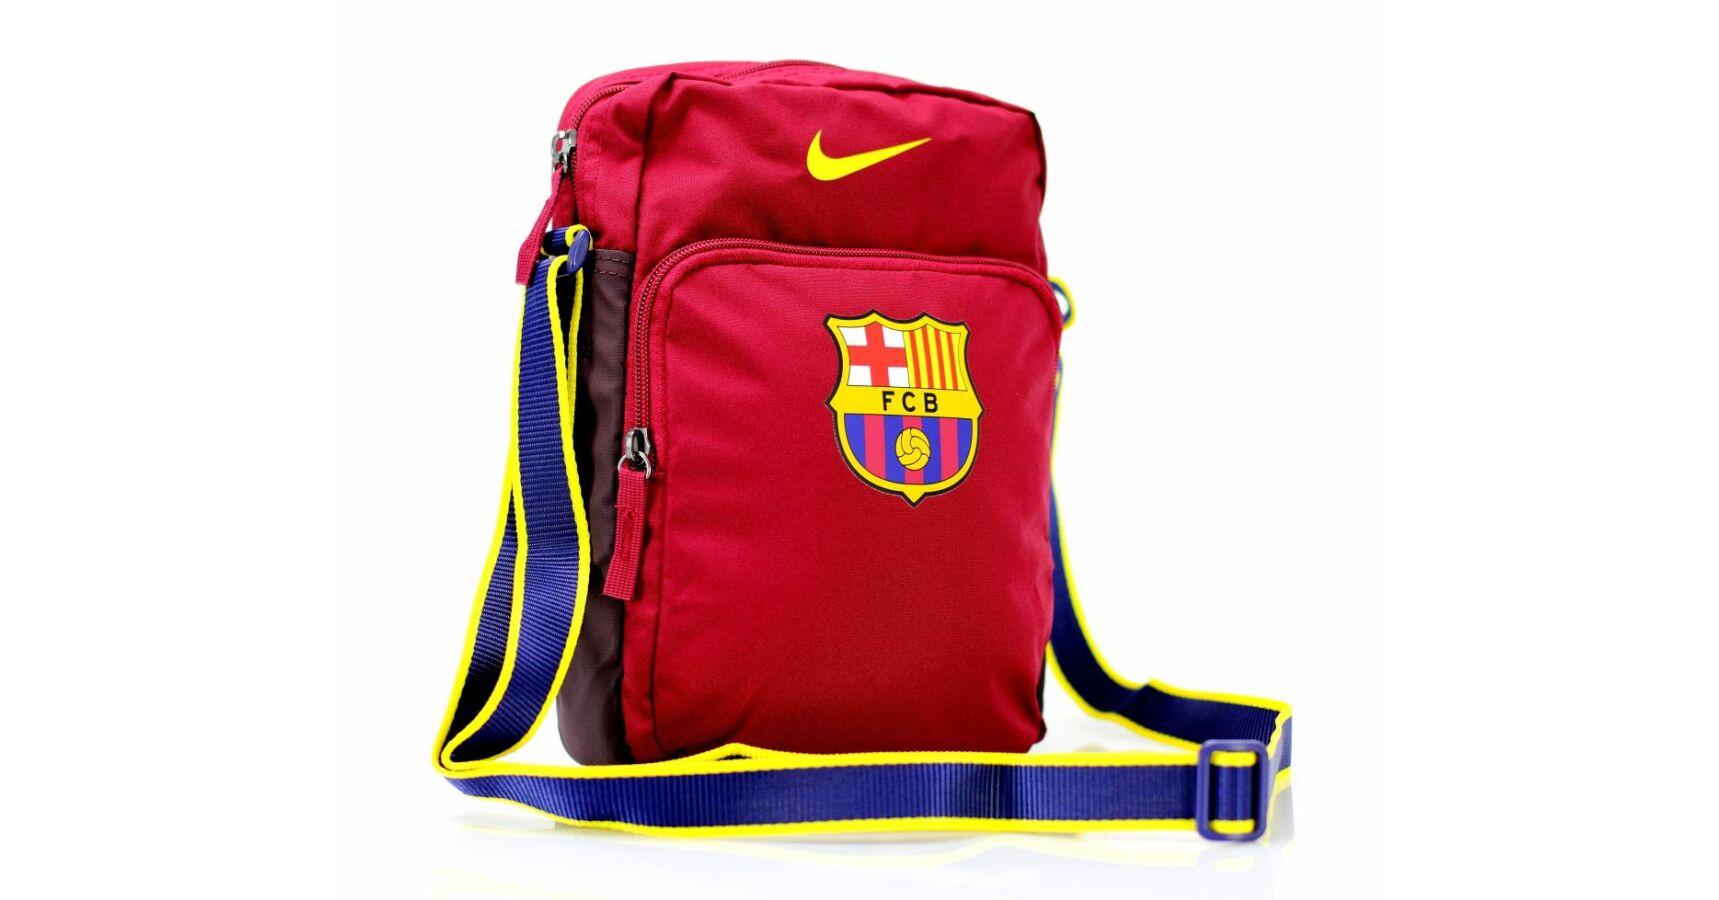 cd4a5d078a53 Nike FC Barcelona oldaltáska BA4956 676 - Oldaltáska - Etáska - minőségi  táska webáruház hatalmas választékkal